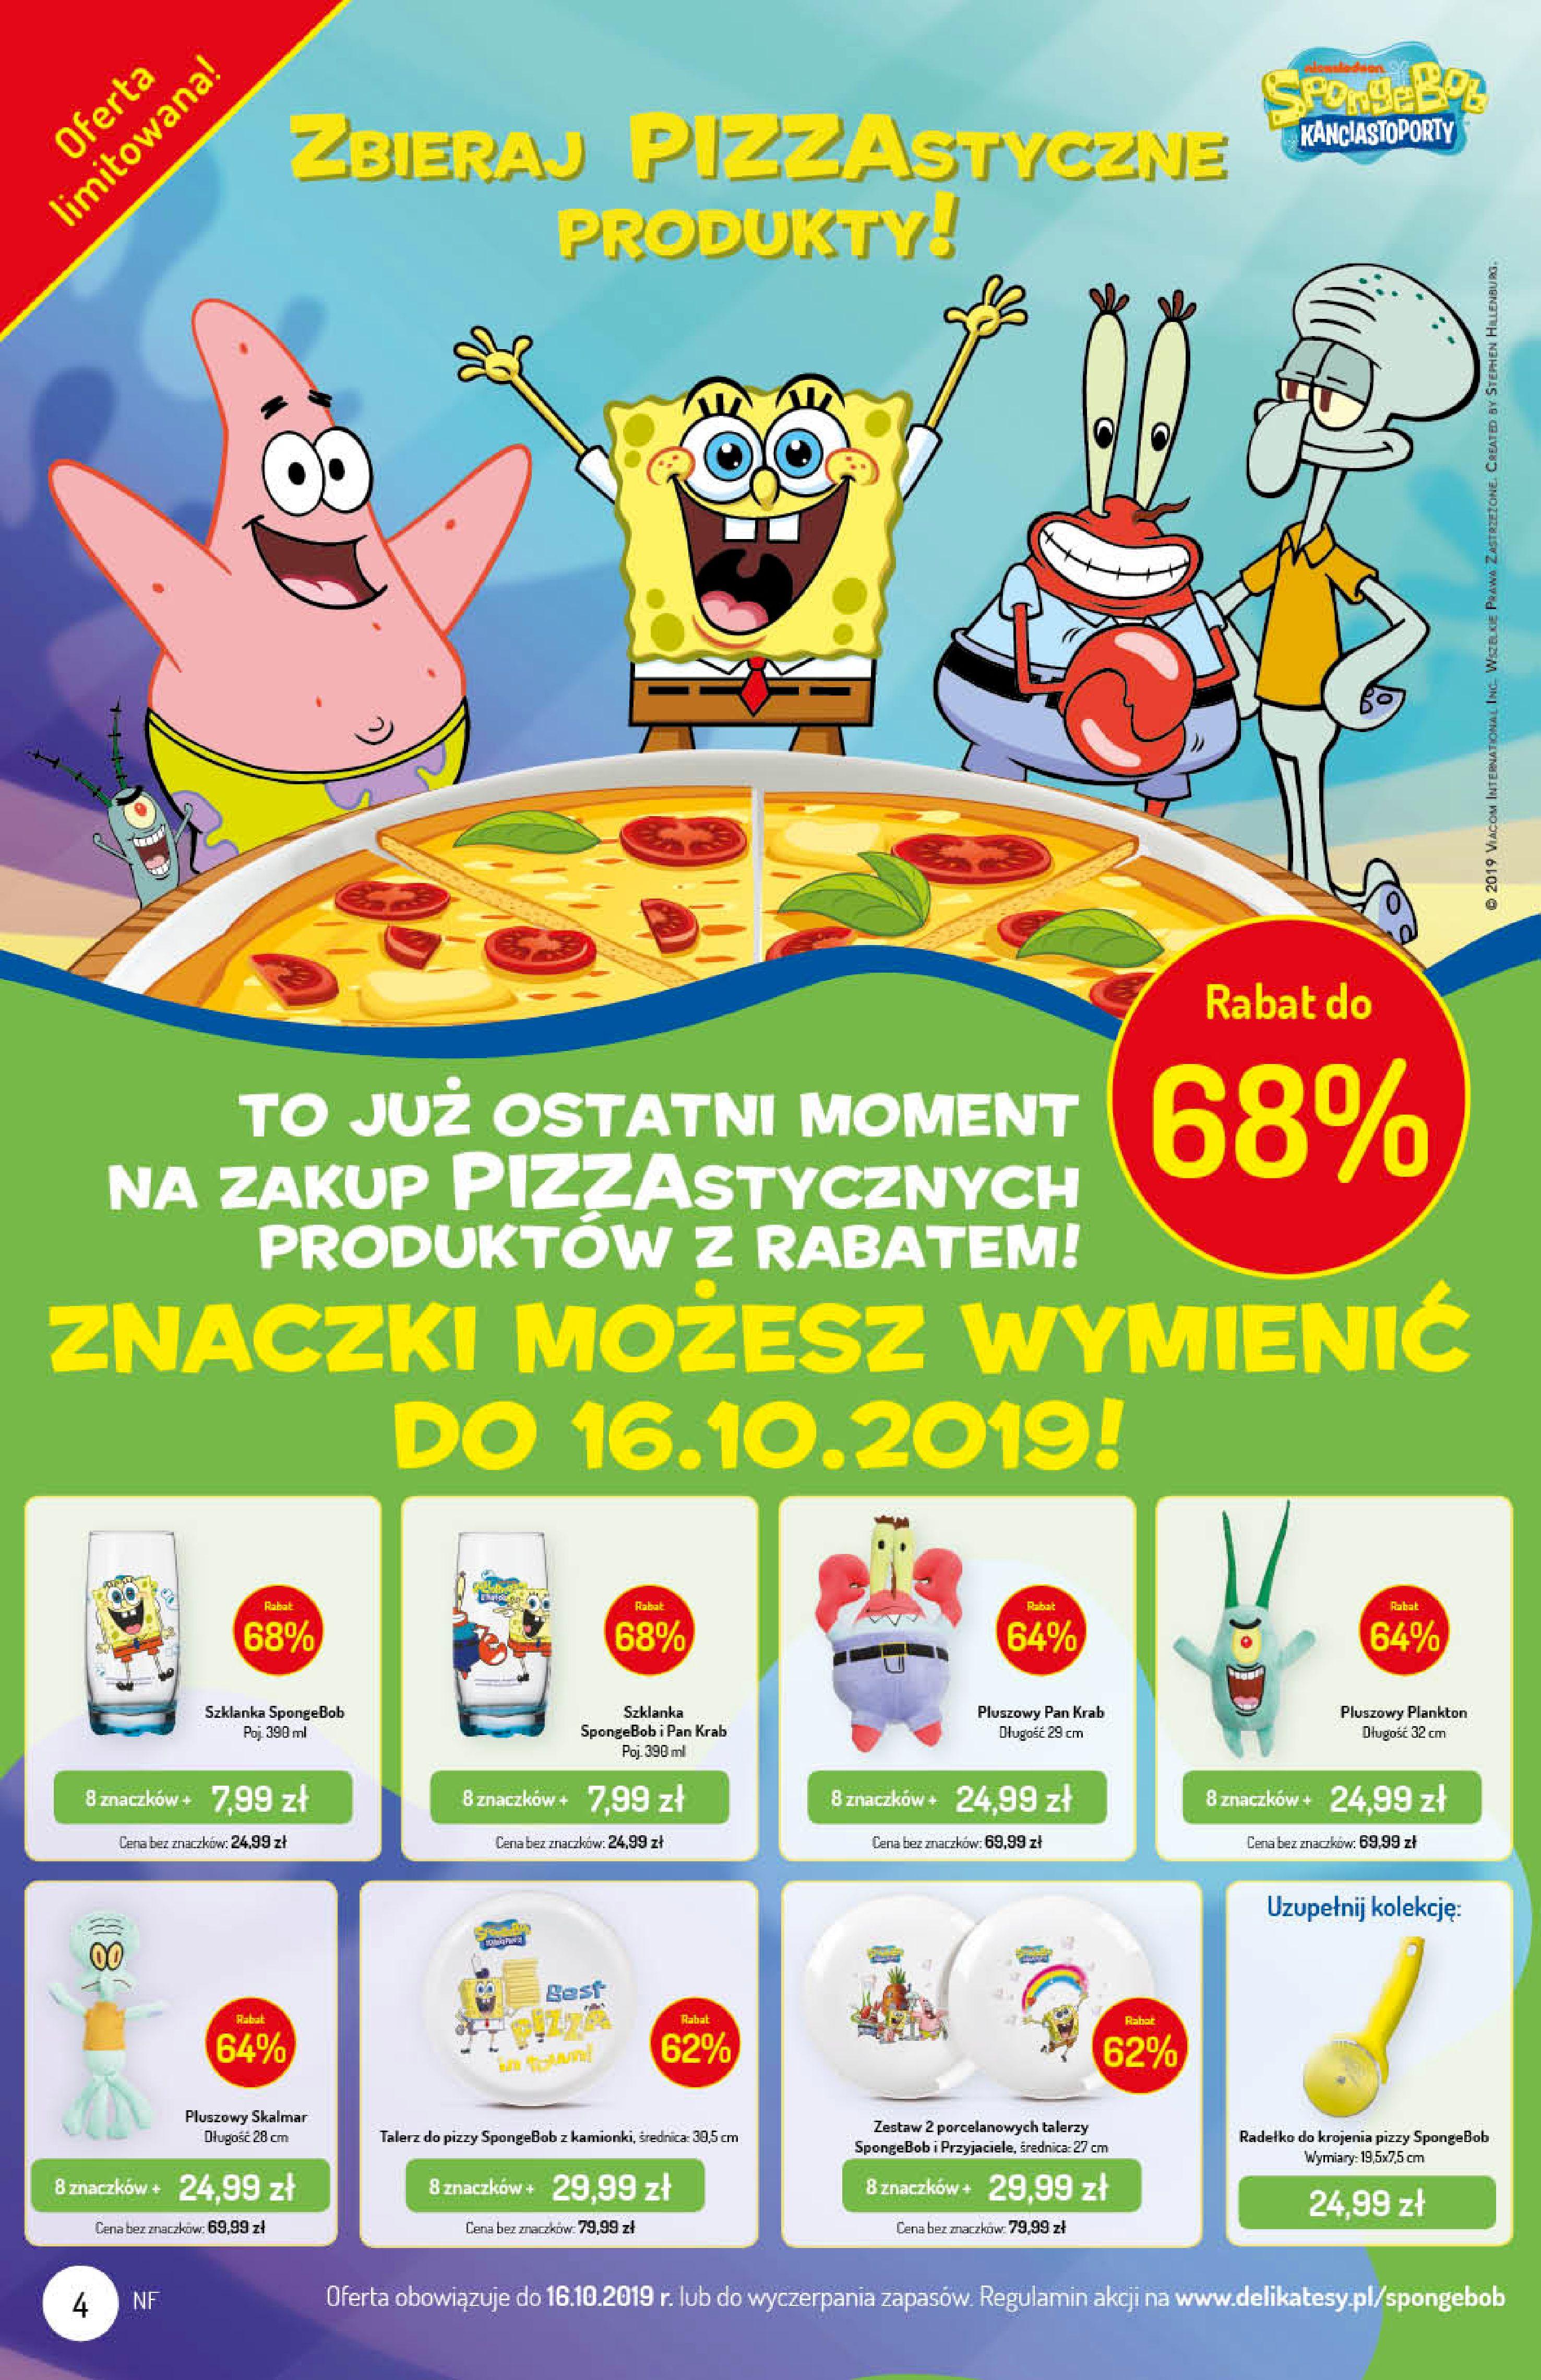 Gazetka Delikatesy Centrum - Oferta na art. spożywcze i kosmetyki-09.10.2019-16.10.2019-page-4